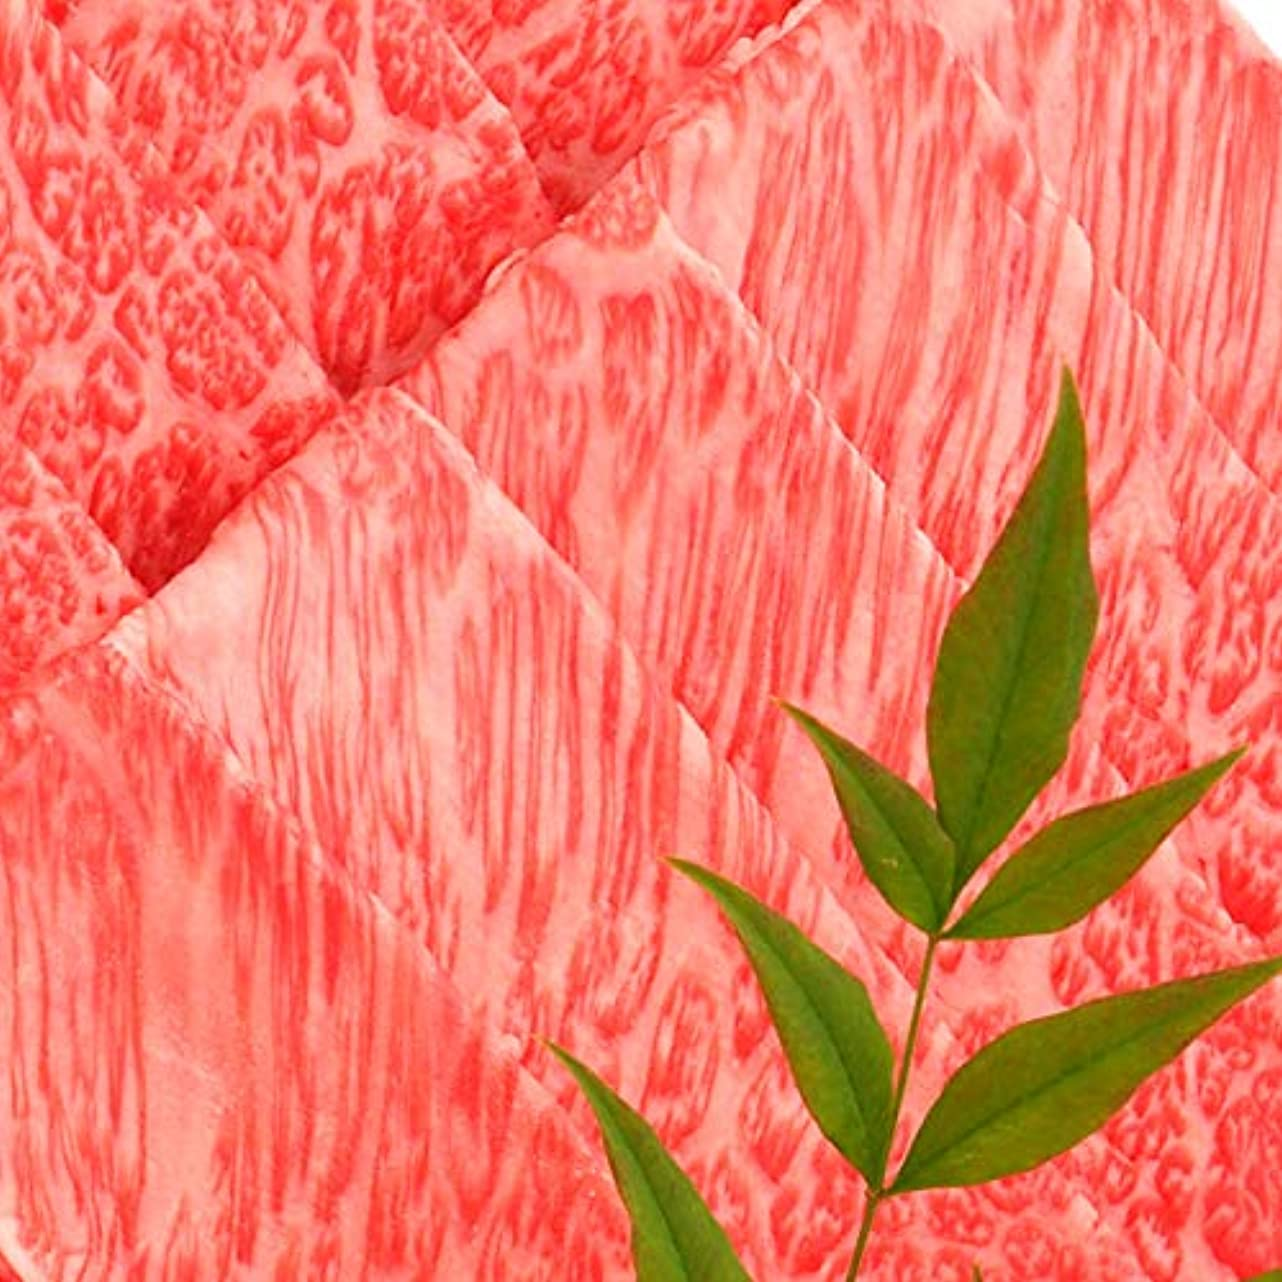 華氏王朝商人【米沢牛卸 肉の上杉】 米沢牛肩ロース クラシタロース しゃぶしゃぶ用 300g ギフト用桐箱仕様